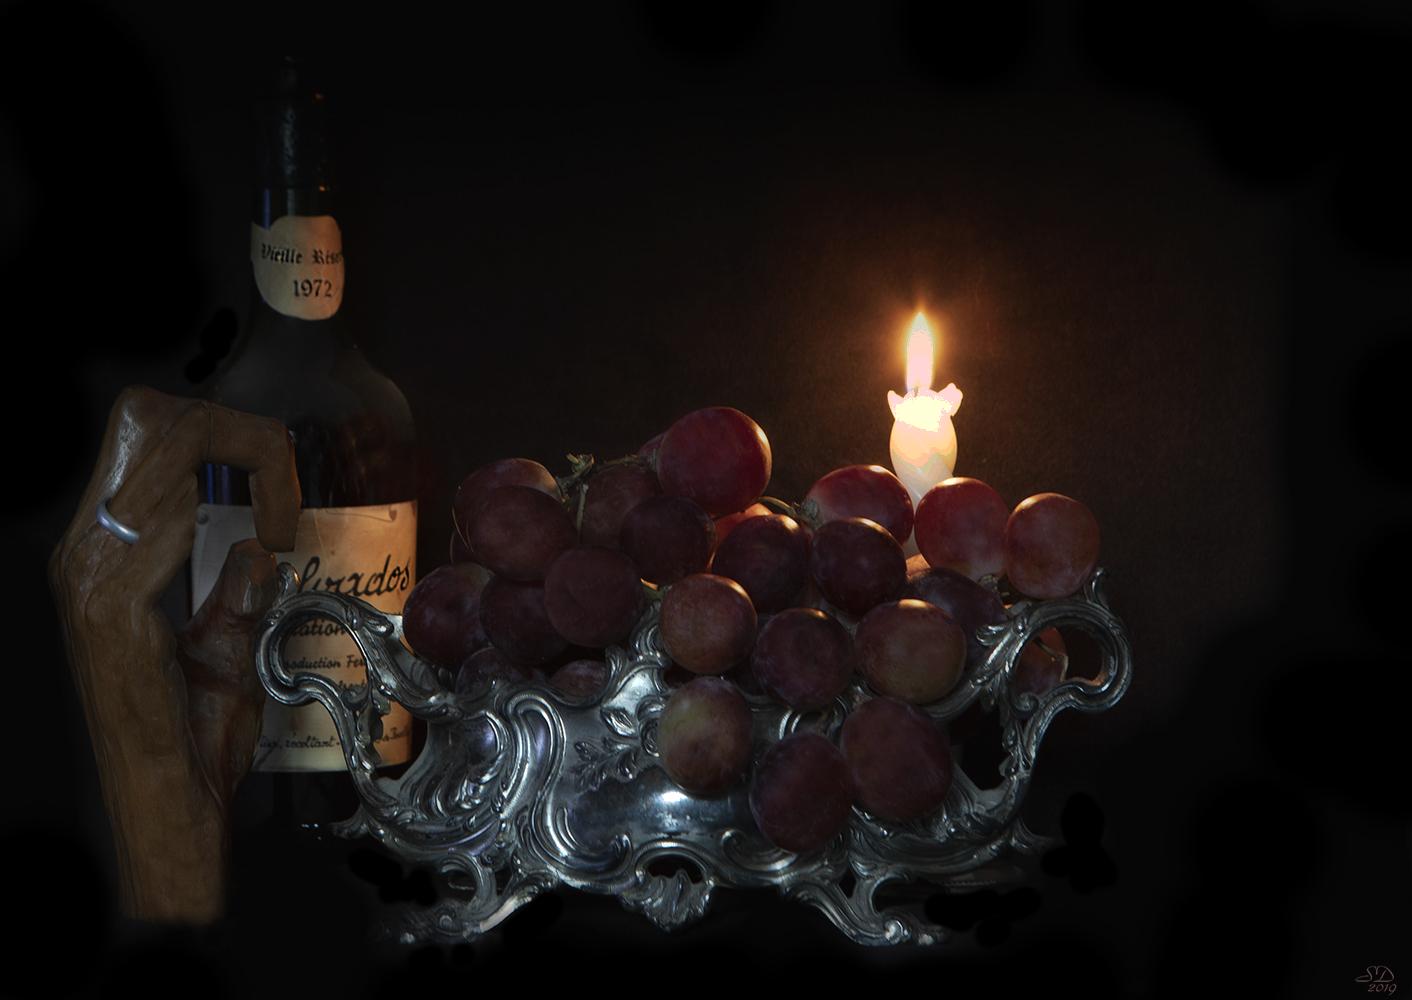 Les raisins rouges